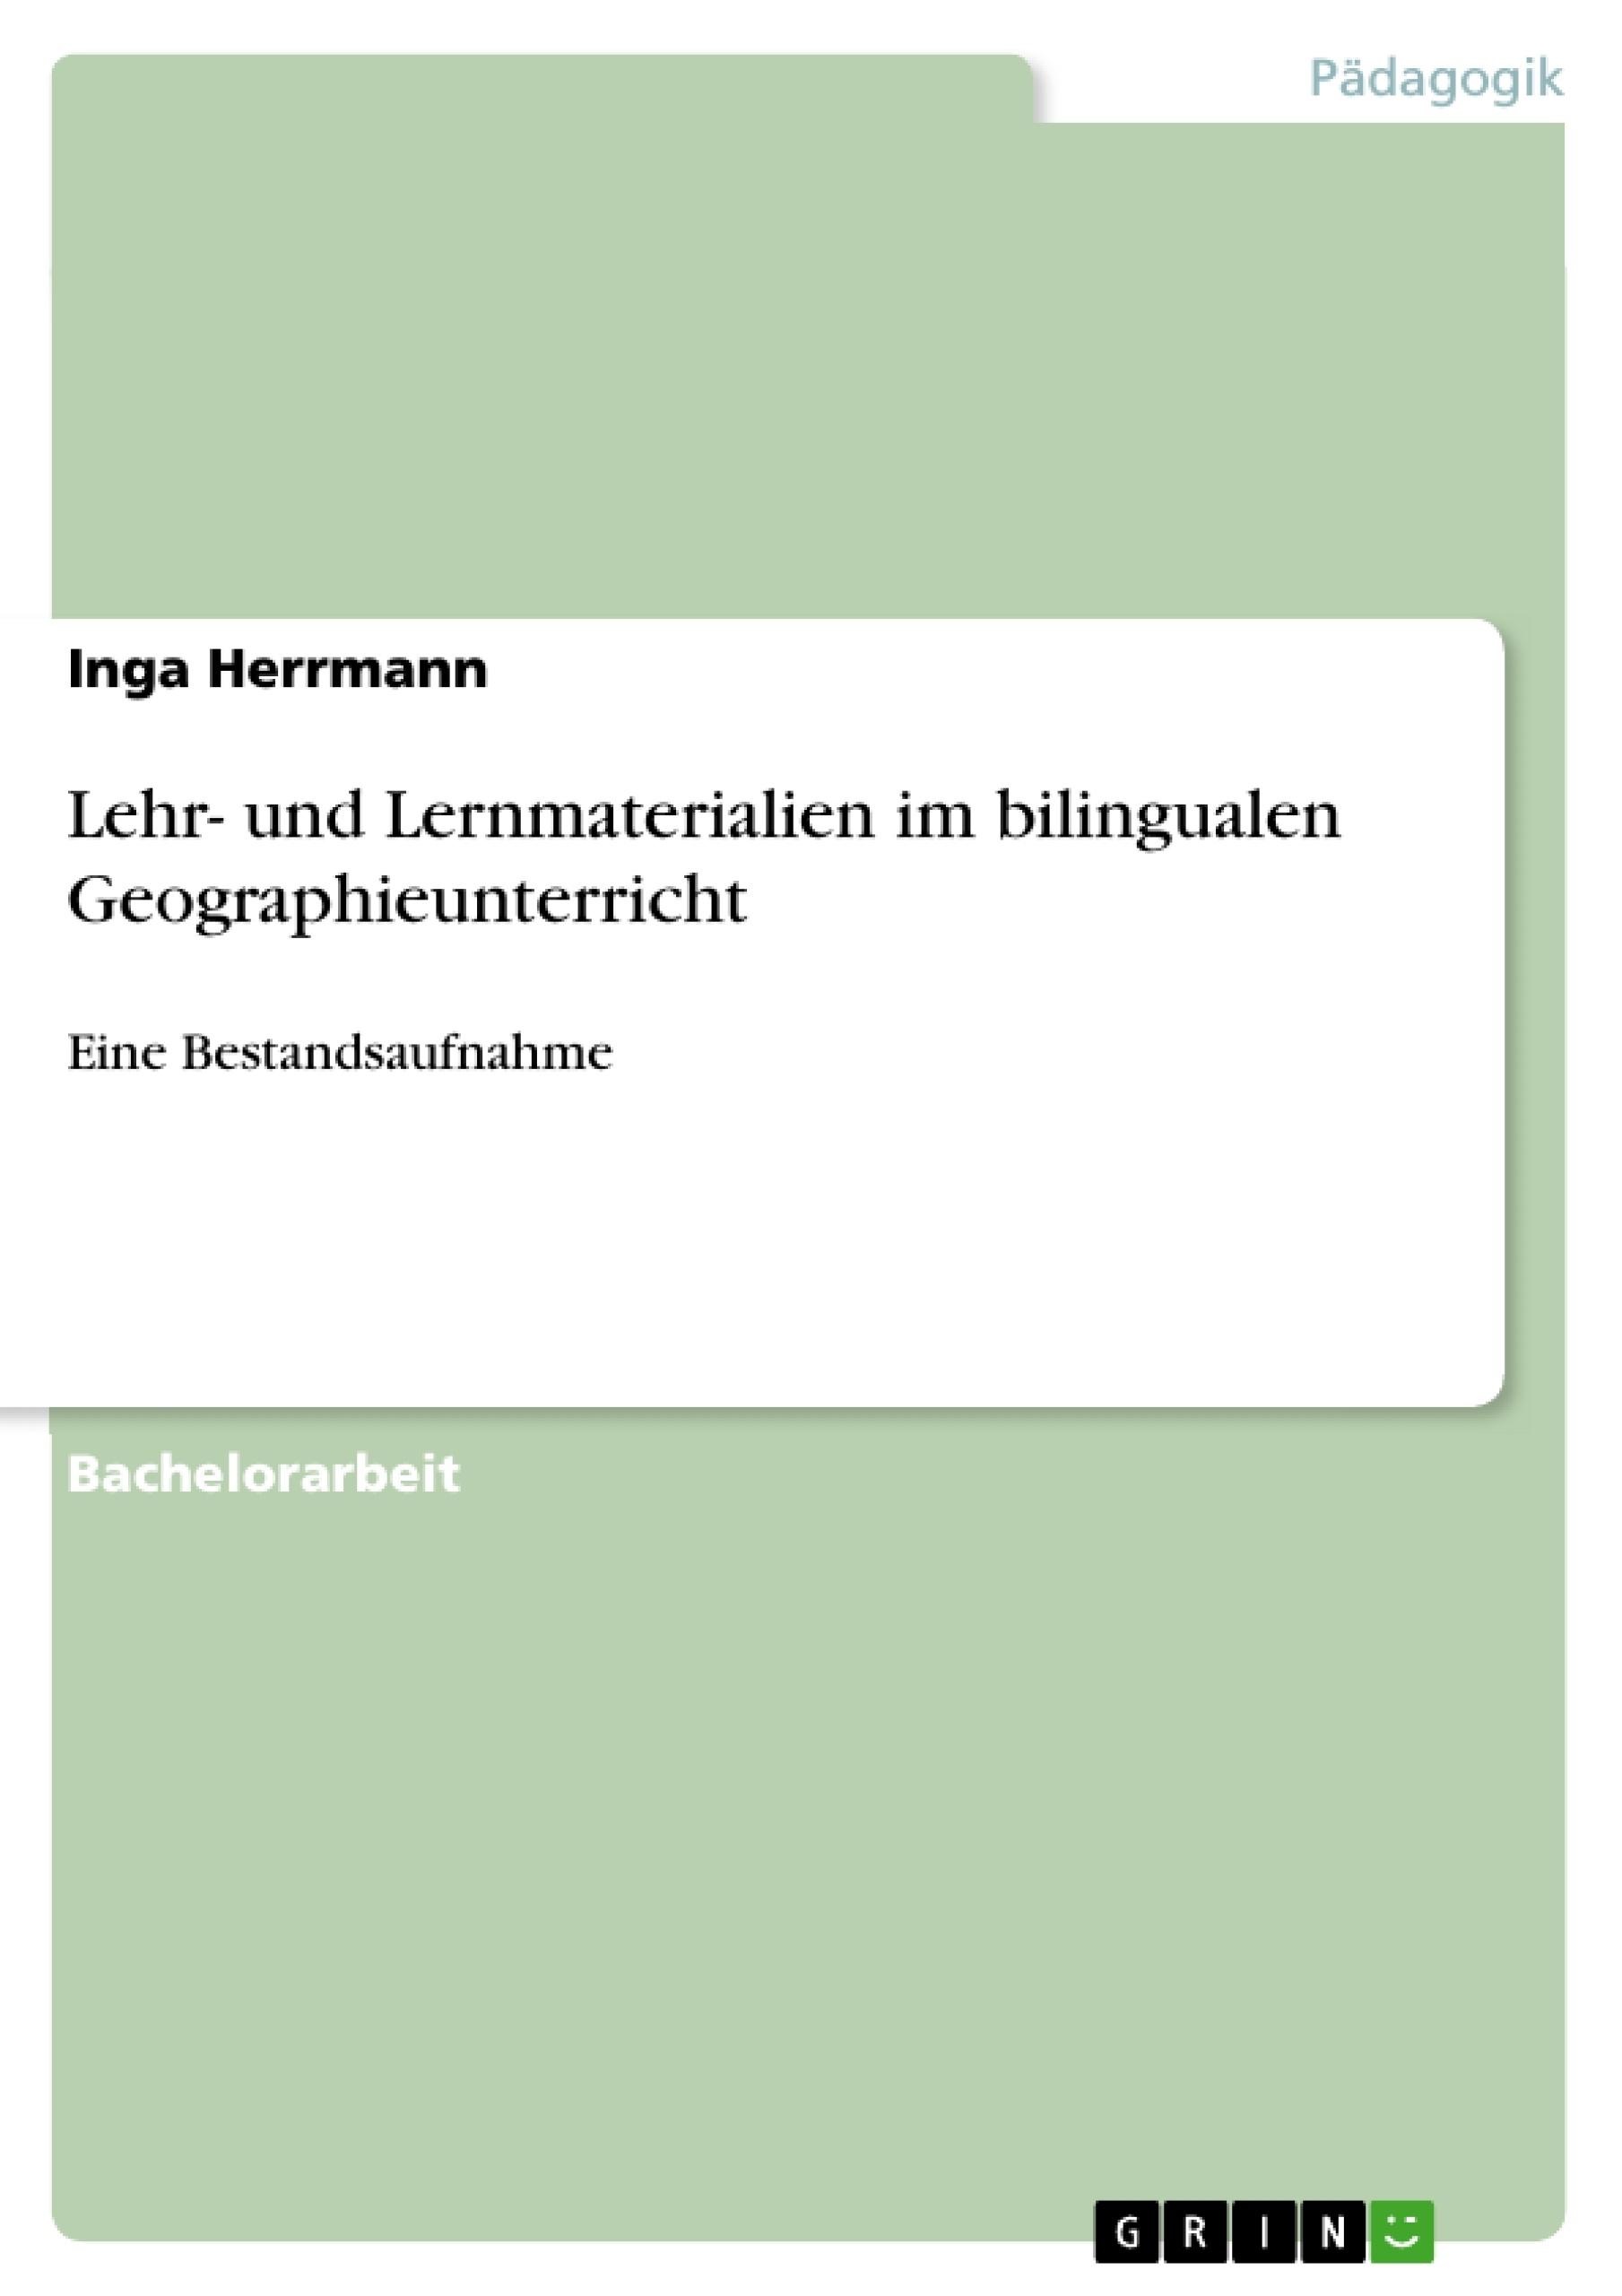 Titel: Lehr- und Lernmaterialien im bilingualen Geographieunterricht